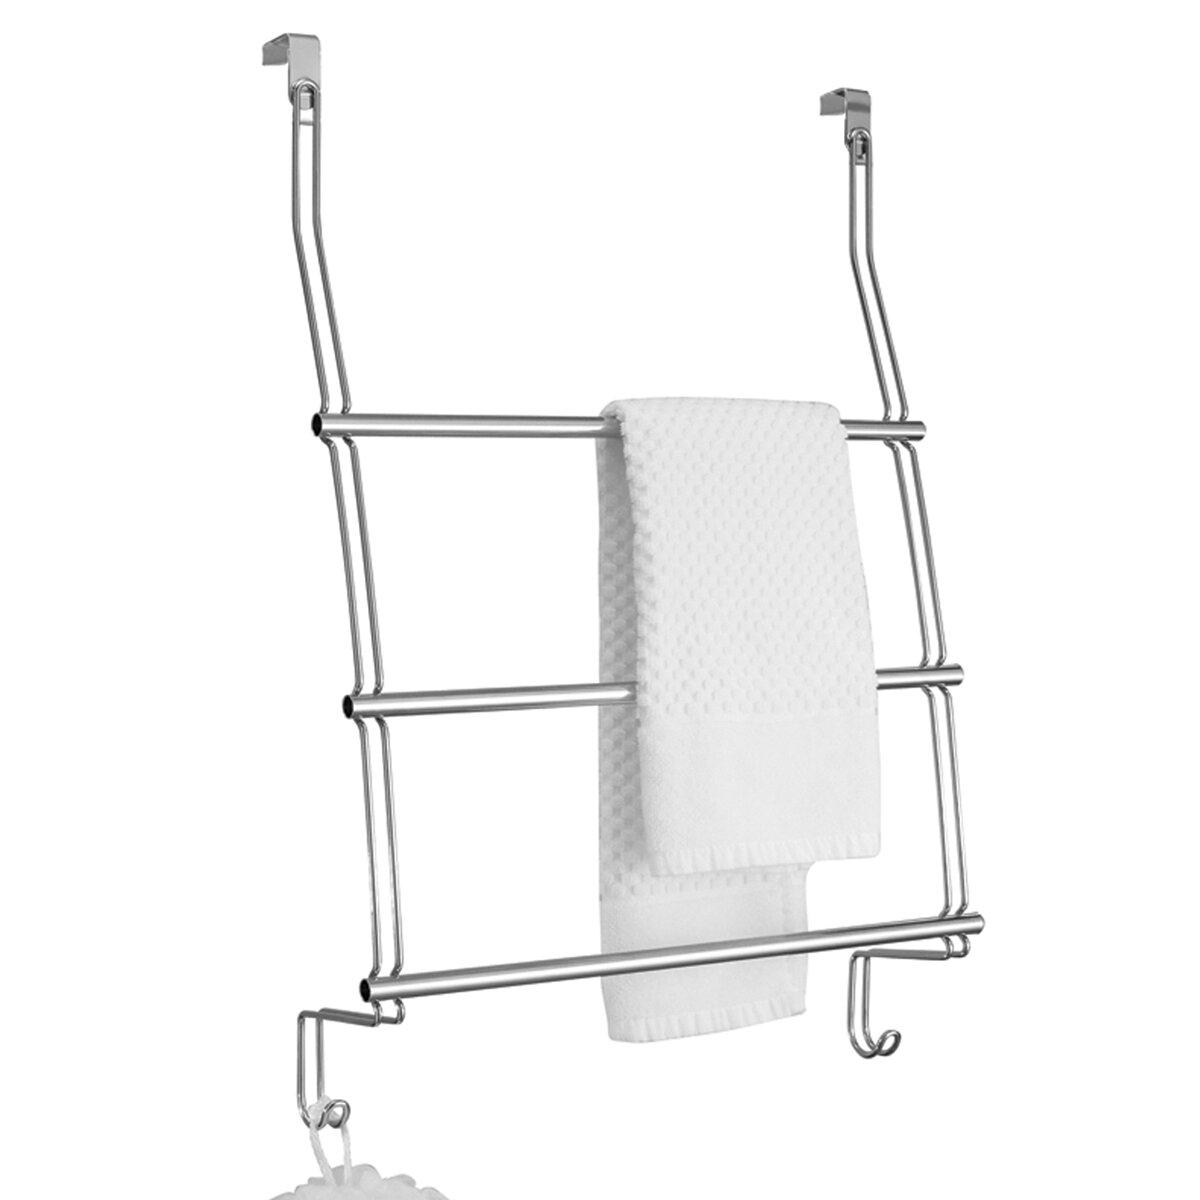 InterDesign Classico Over The Door Towel Rack